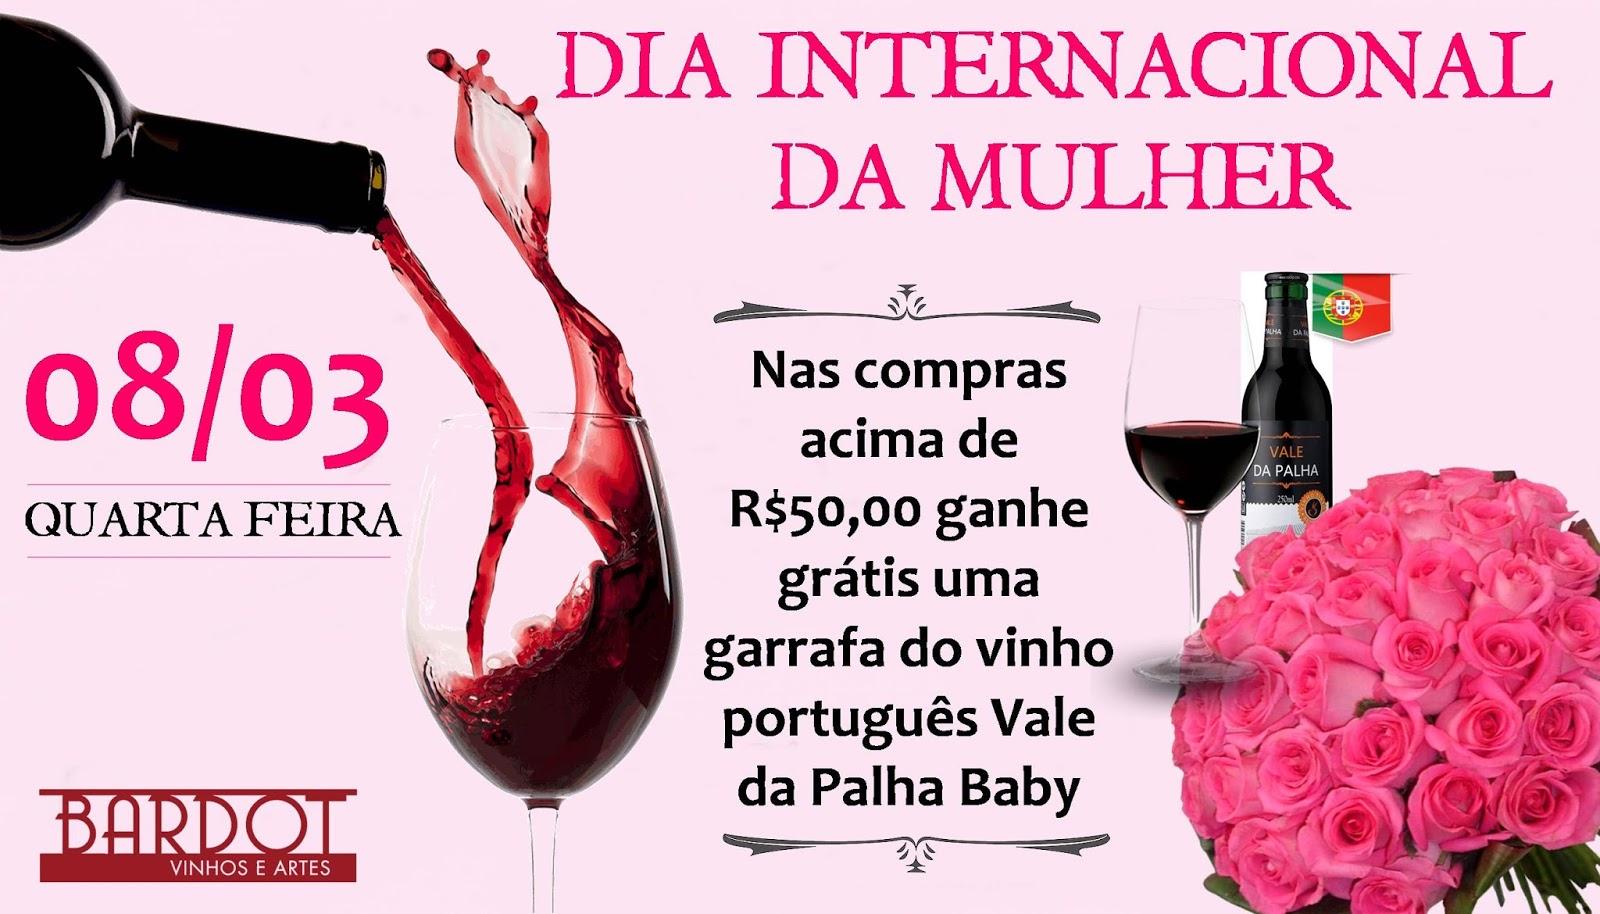 d2a943981 Bardot - Vinhos e Artes  Promoção - Dia Internacional da Mulher